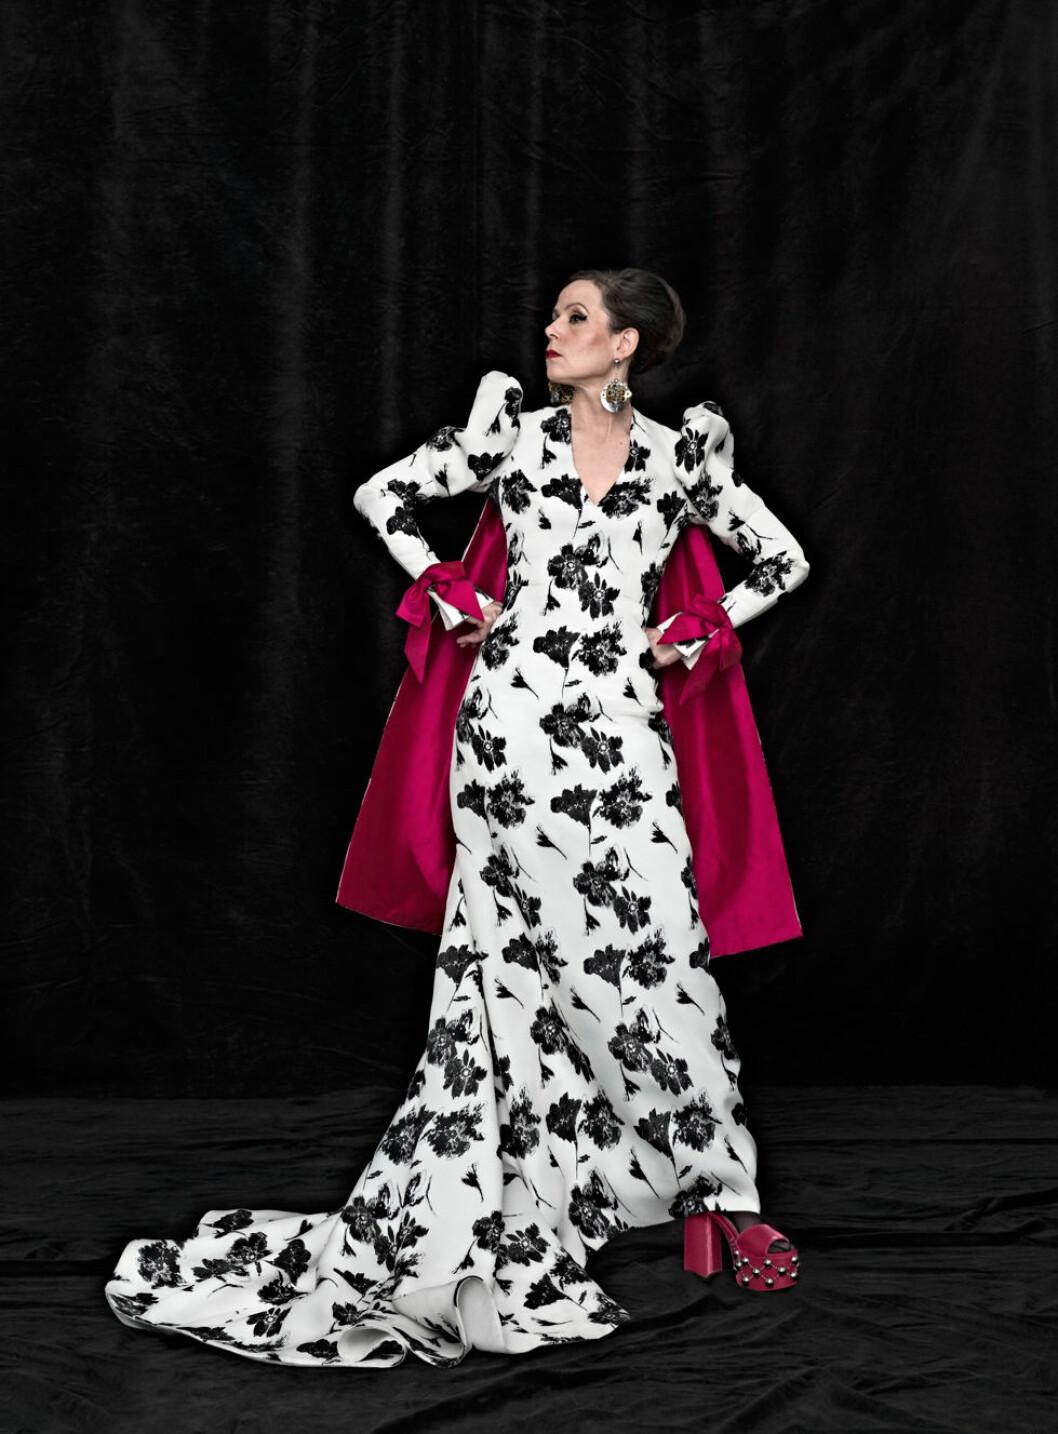 Sara Danius i en svart och vit blommig klänning från Pär Engsheden.